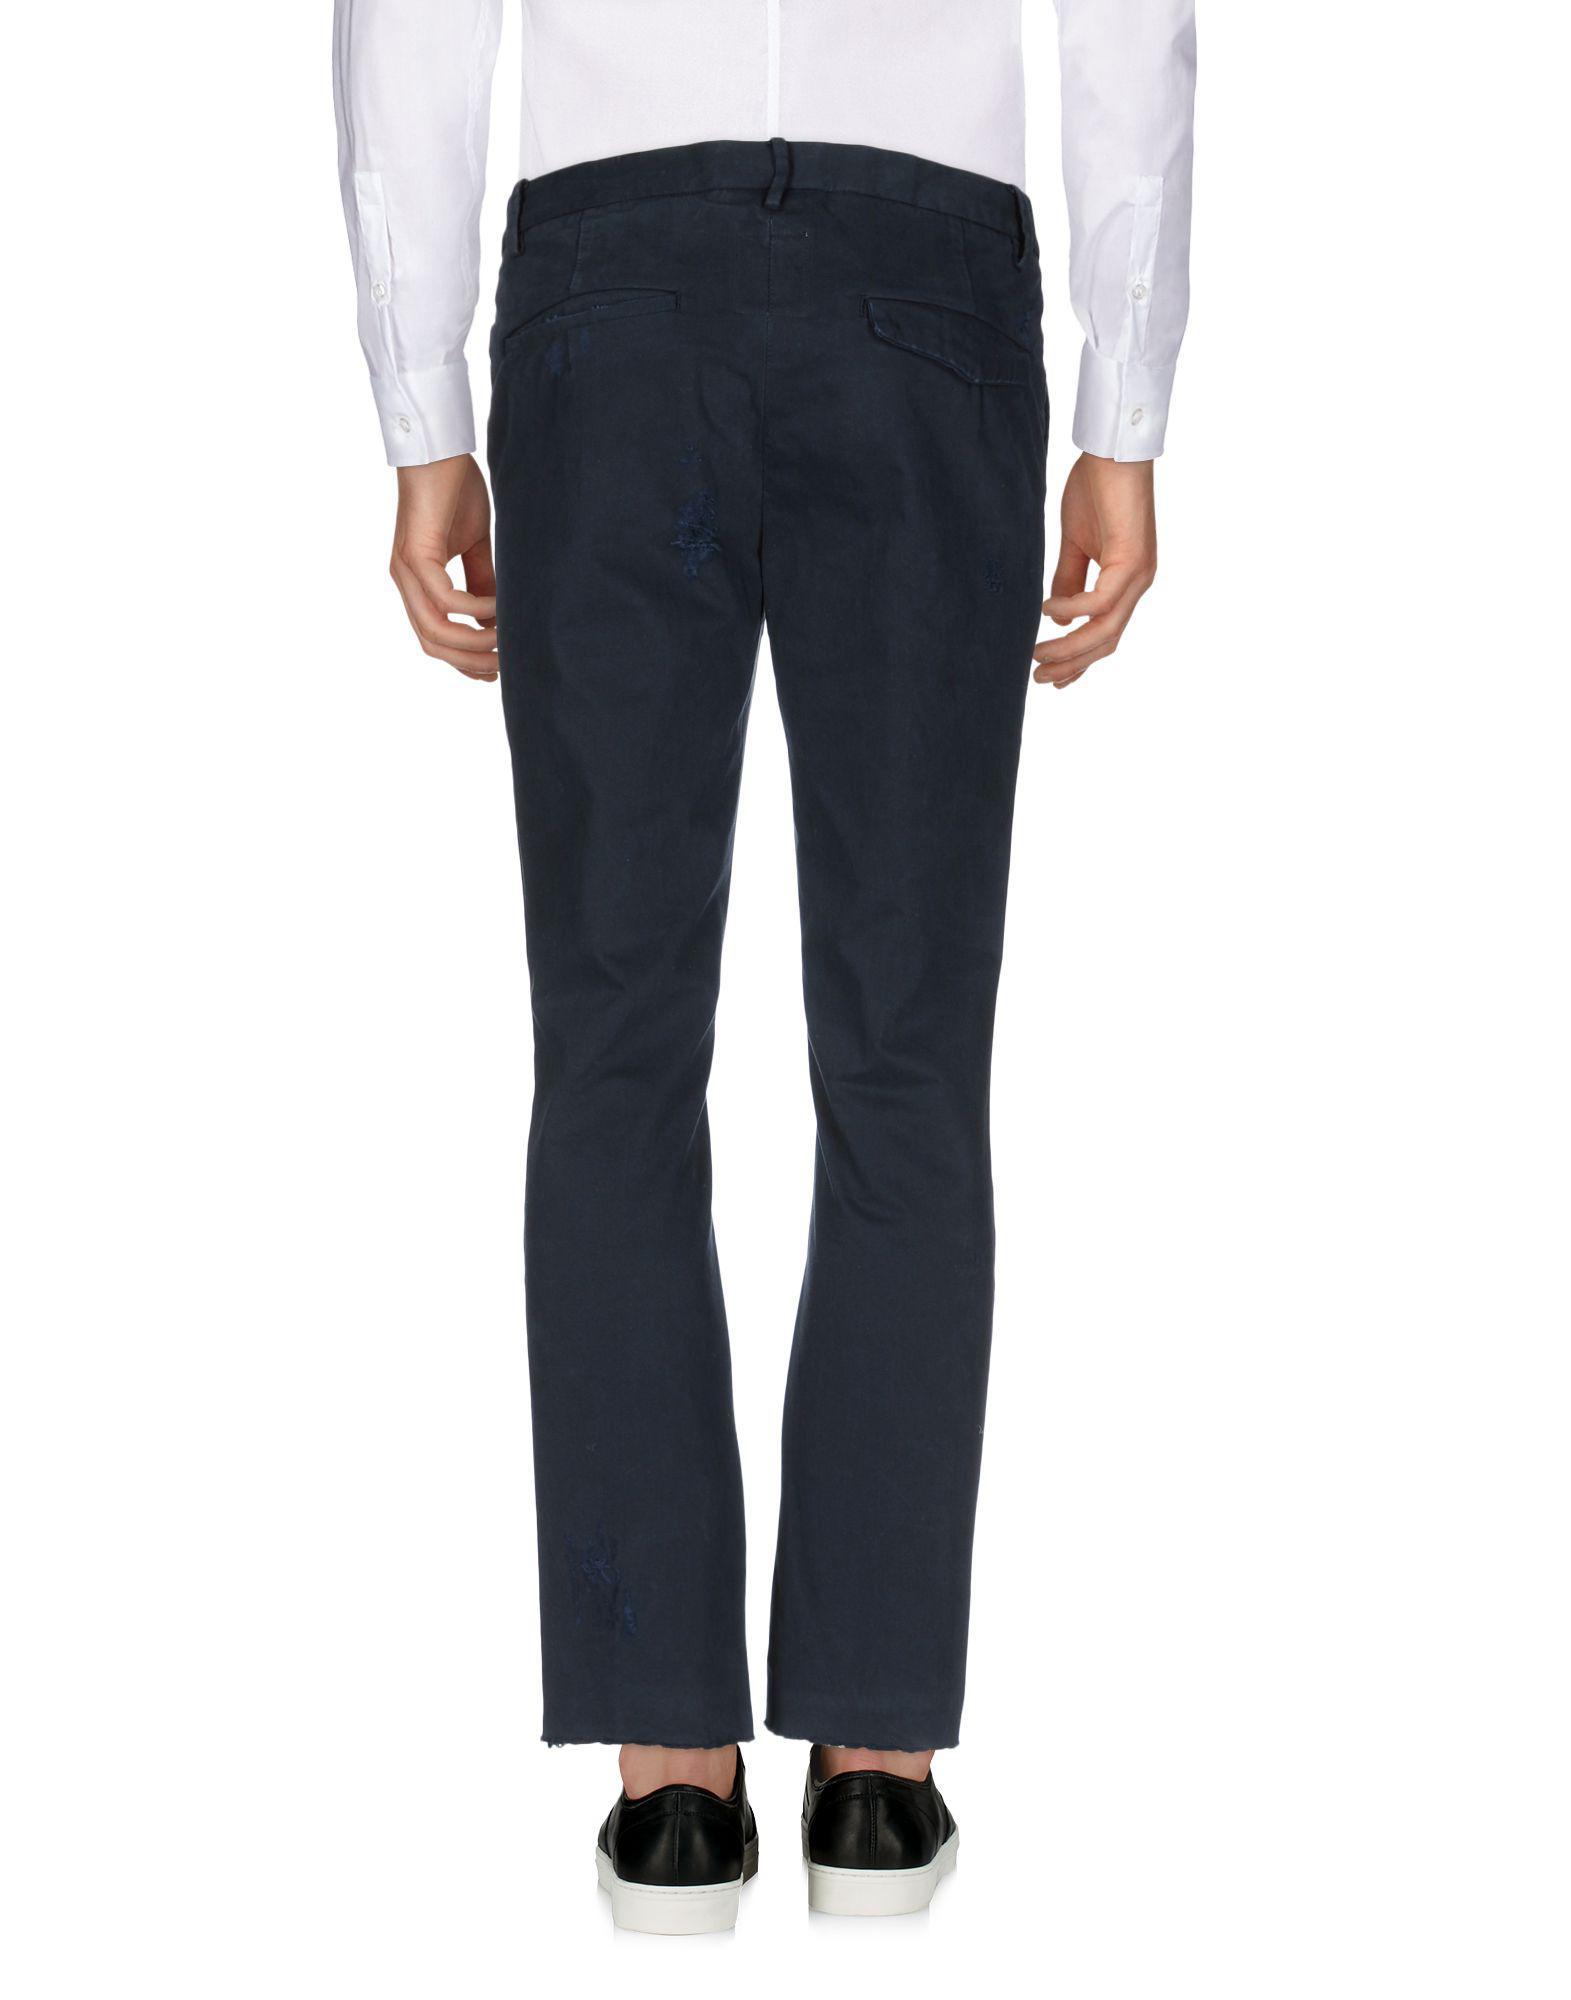 Pantalon - Pantalon Décontracté Cocarde London Mijk2Bc